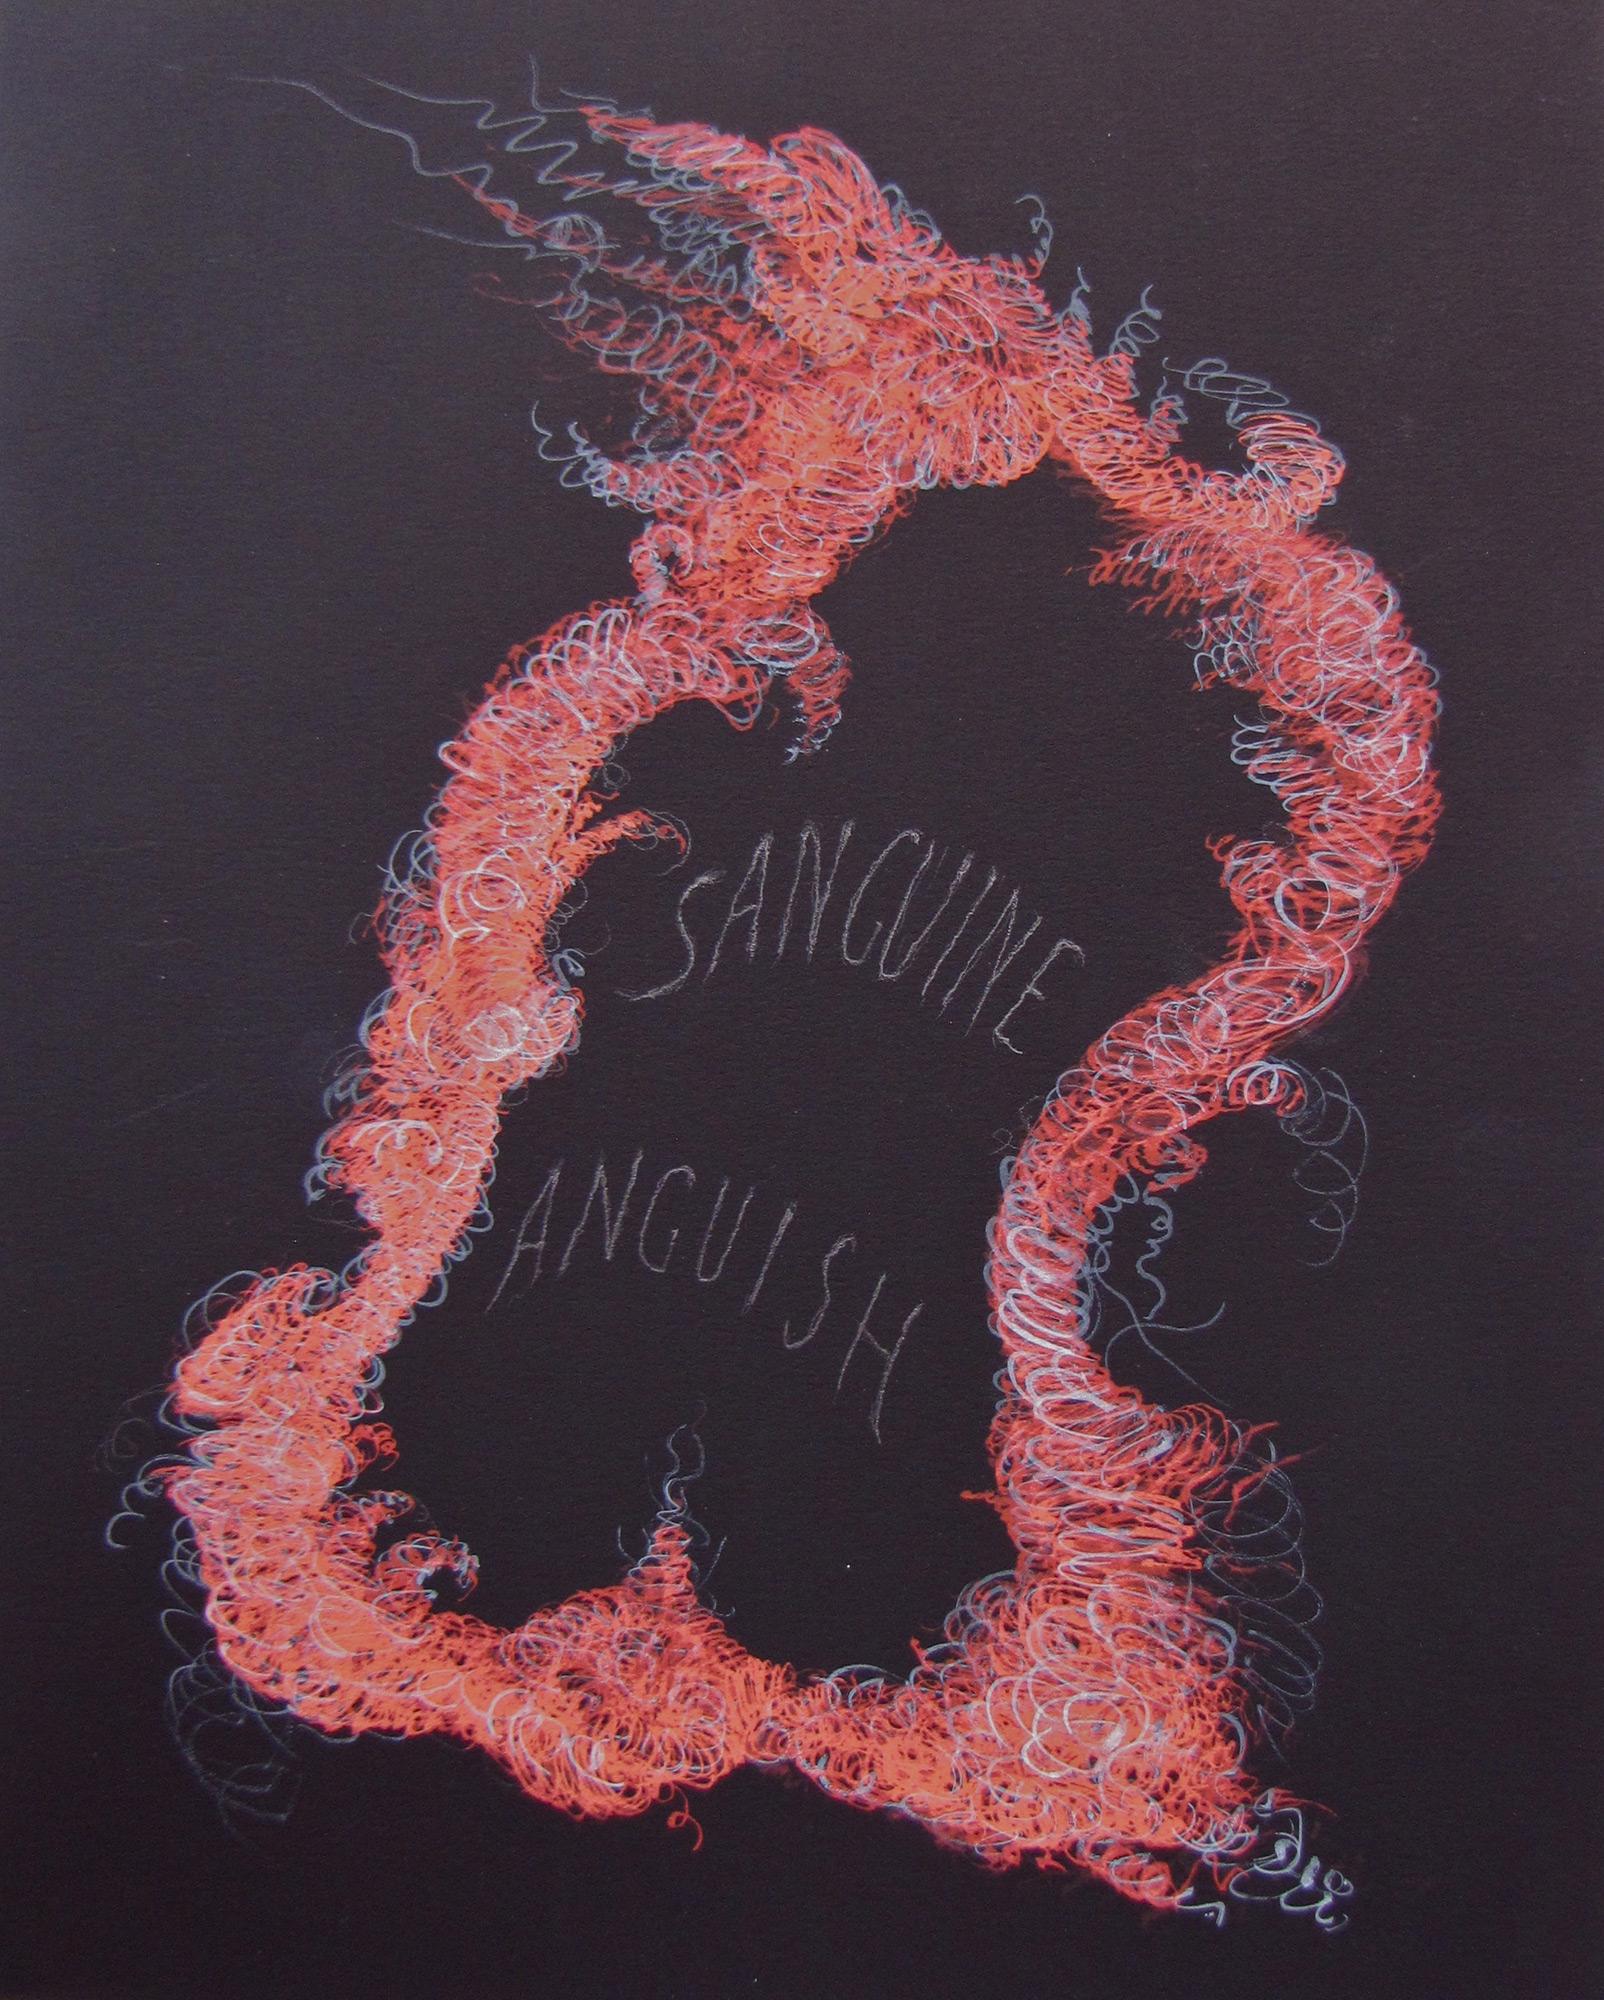 Sanguine anguish 2011